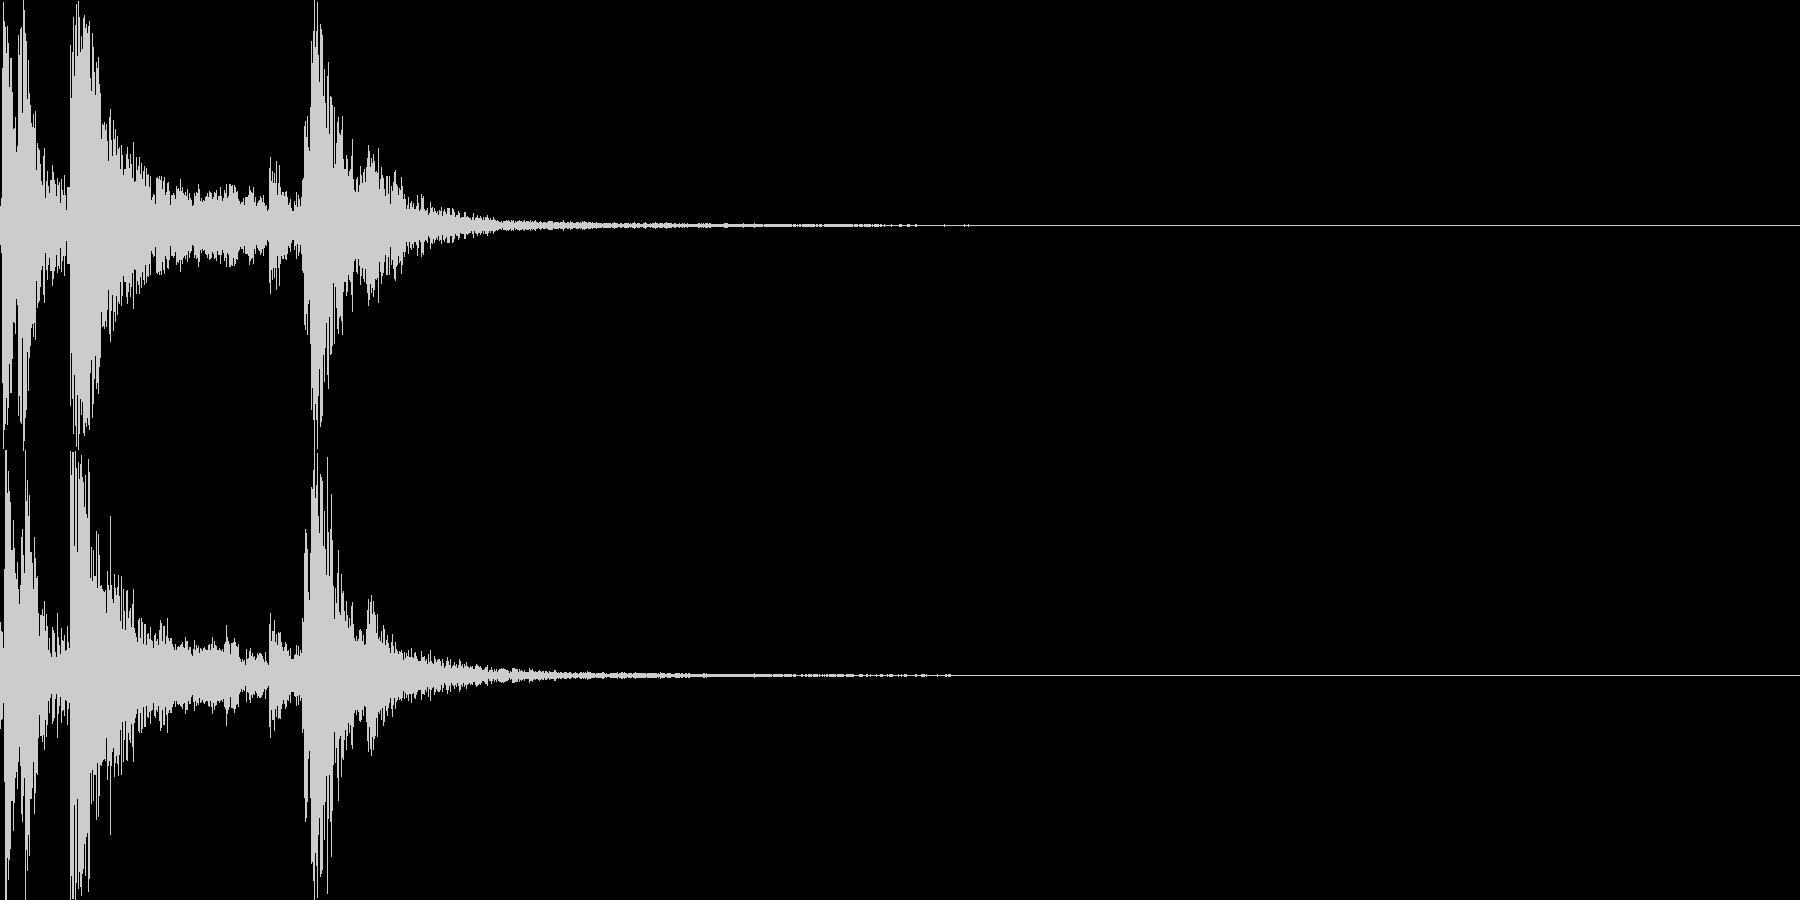 カラン(ダイアログ開く)の未再生の波形